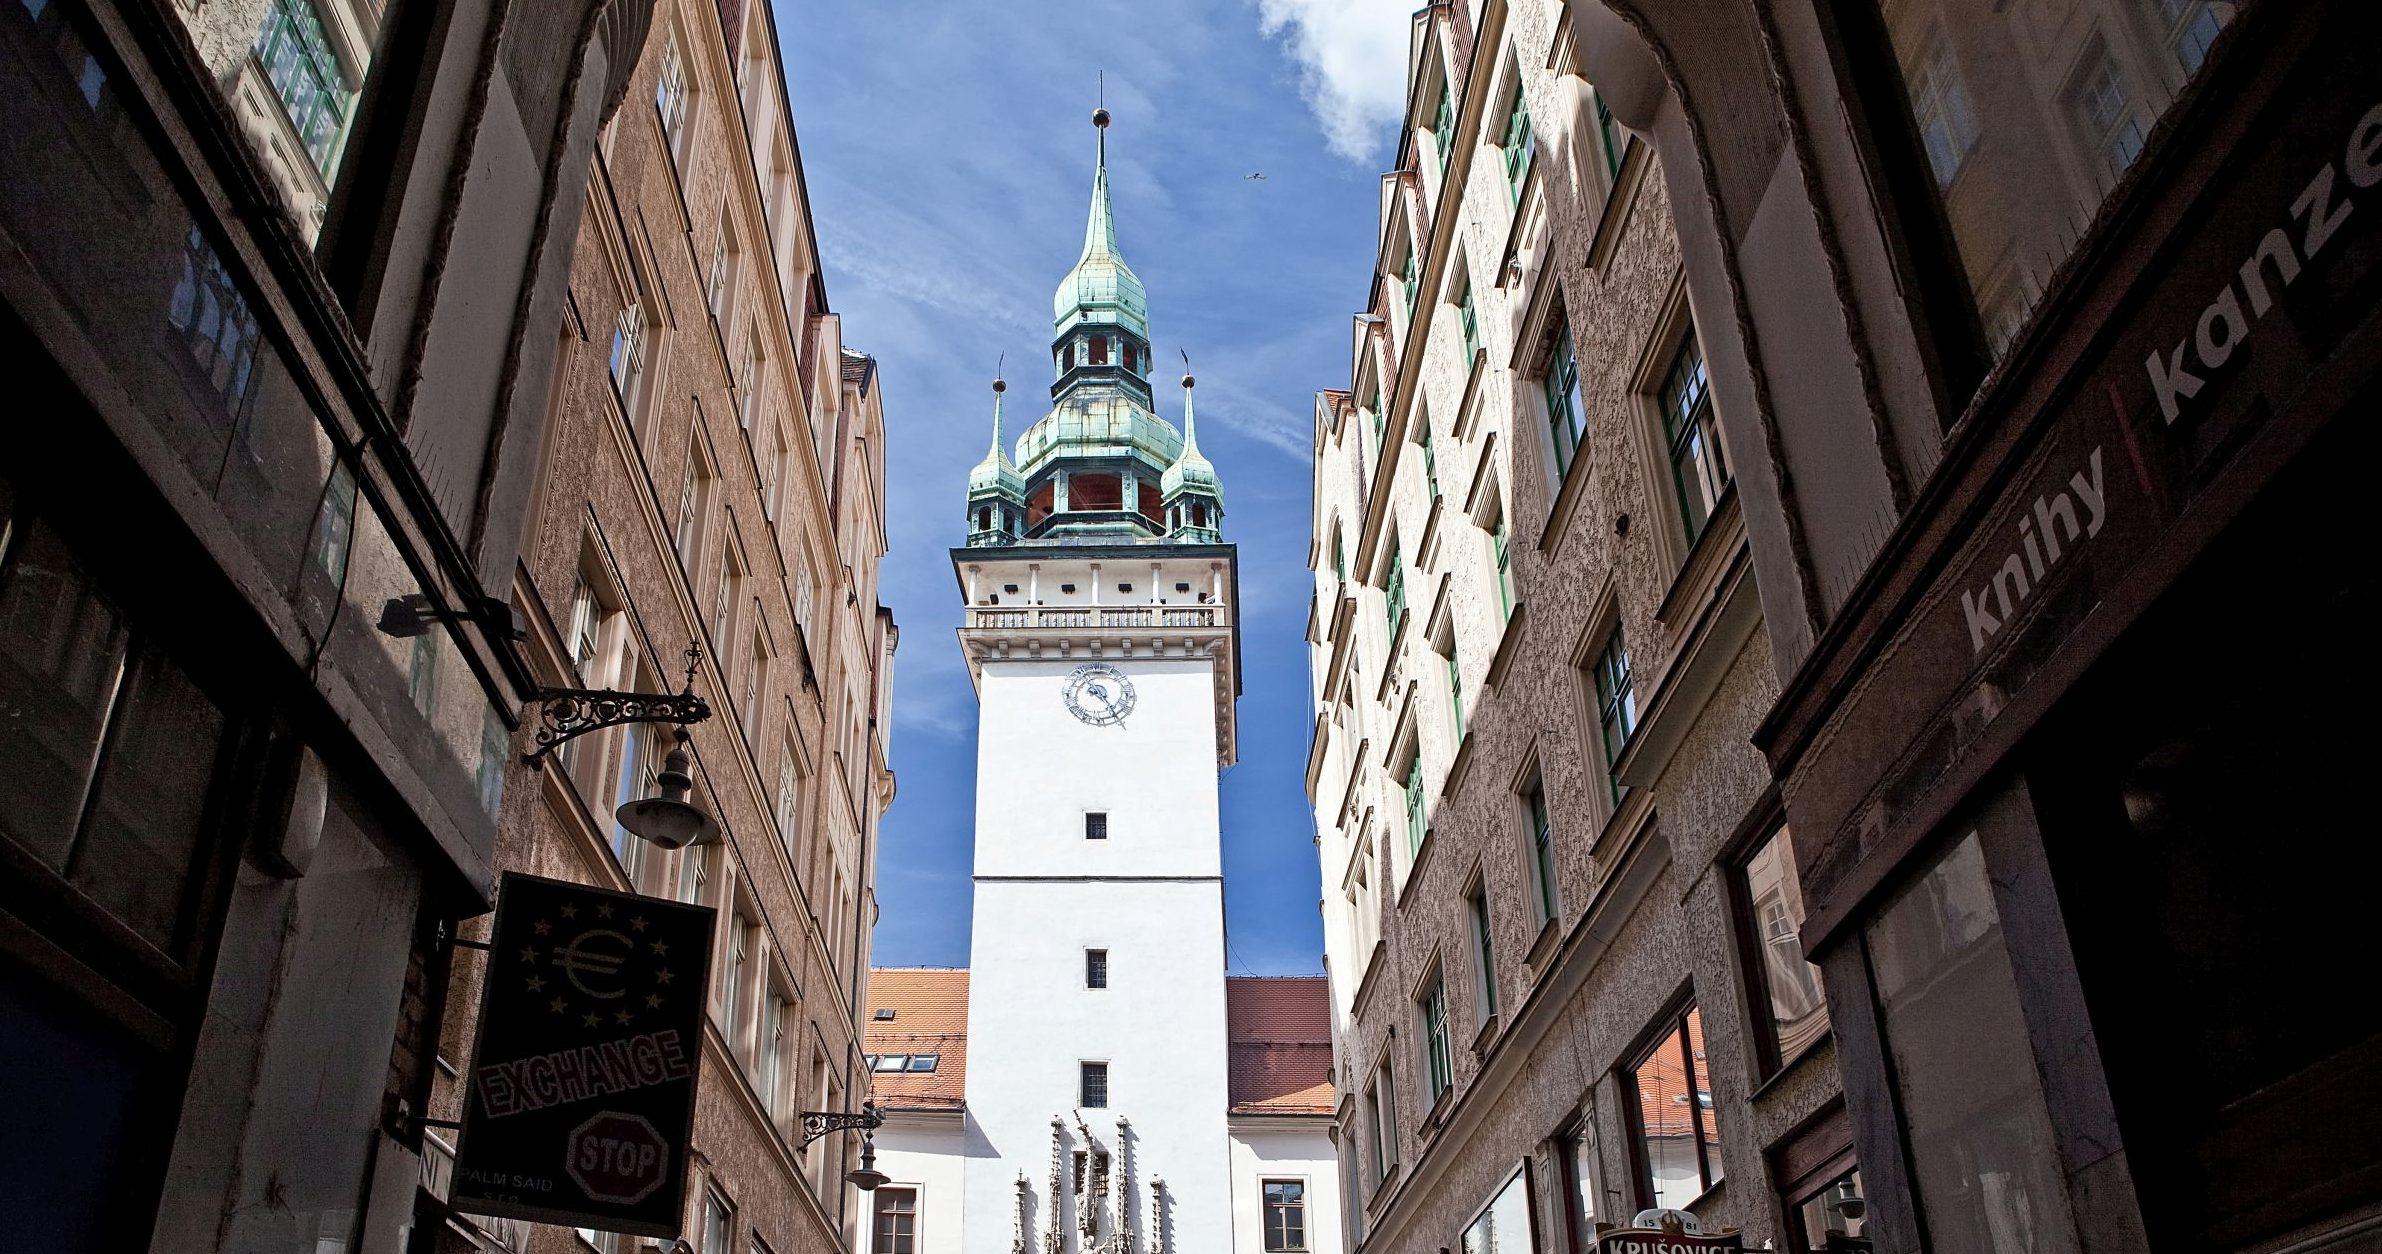 Stará radnice v Brně - Informační centrum pod krokodýlem v Brně